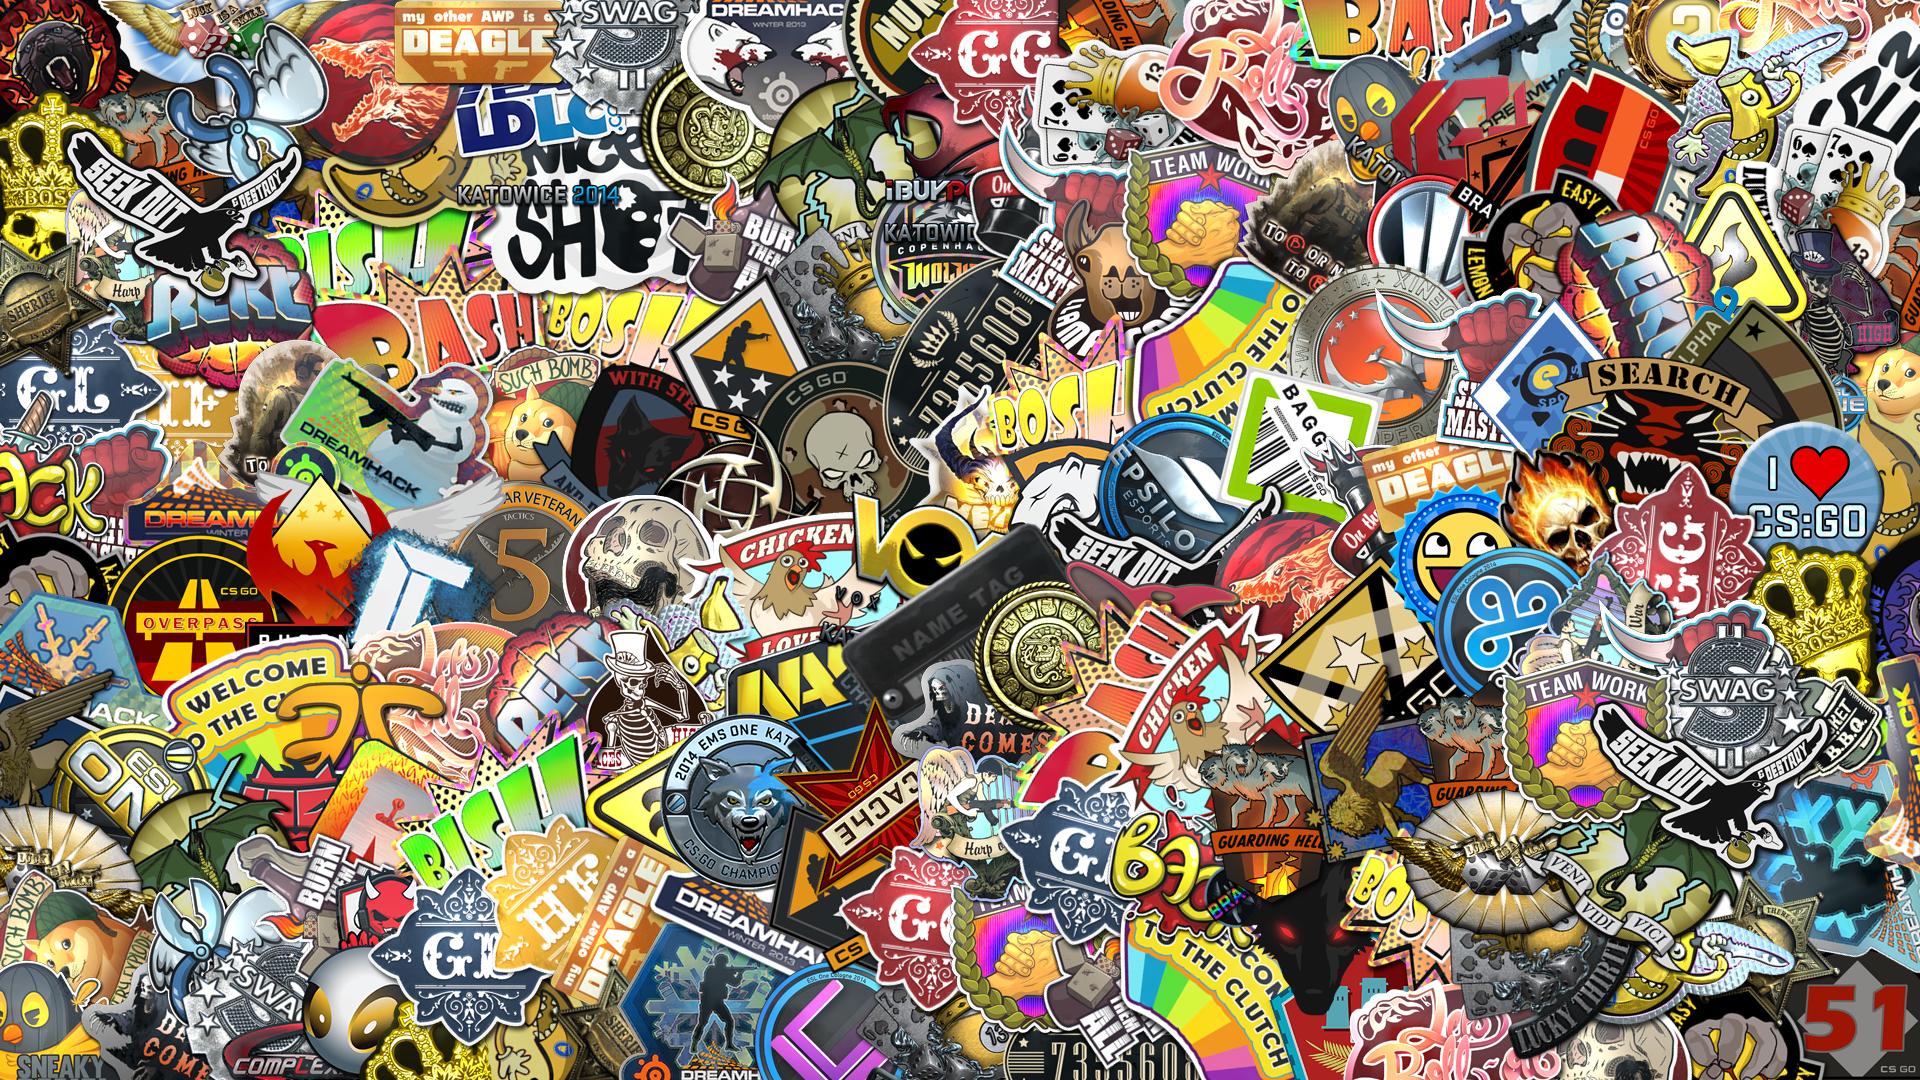 CSGO Sticker Bomb [19201080]wallpaper HD wallpaper HD 1920x1080